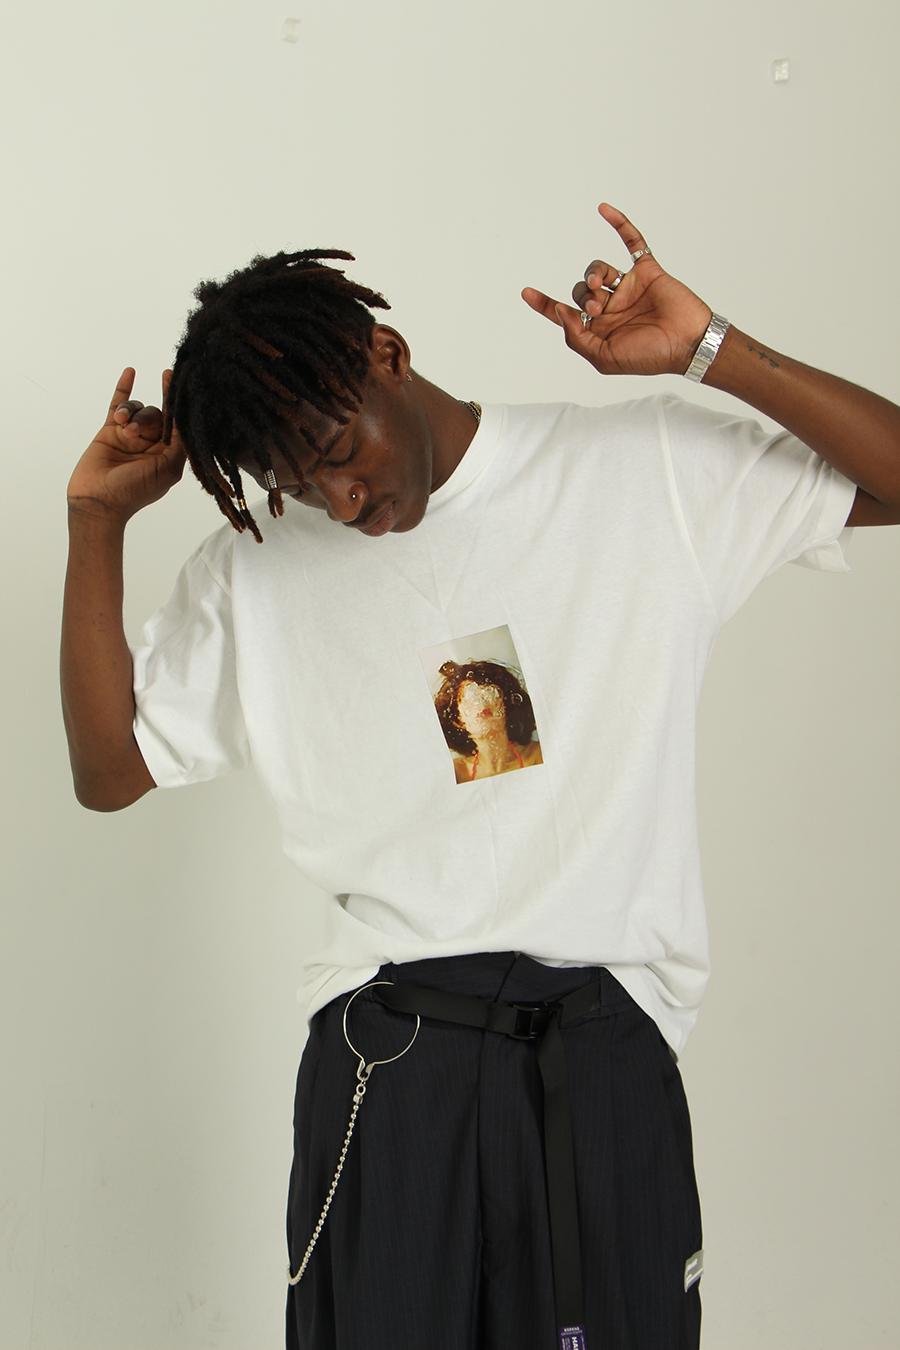 VOTF HARSHCRUEL数码印花泡泡图像40s双纱纯棉250g重磅短袖T恤tee